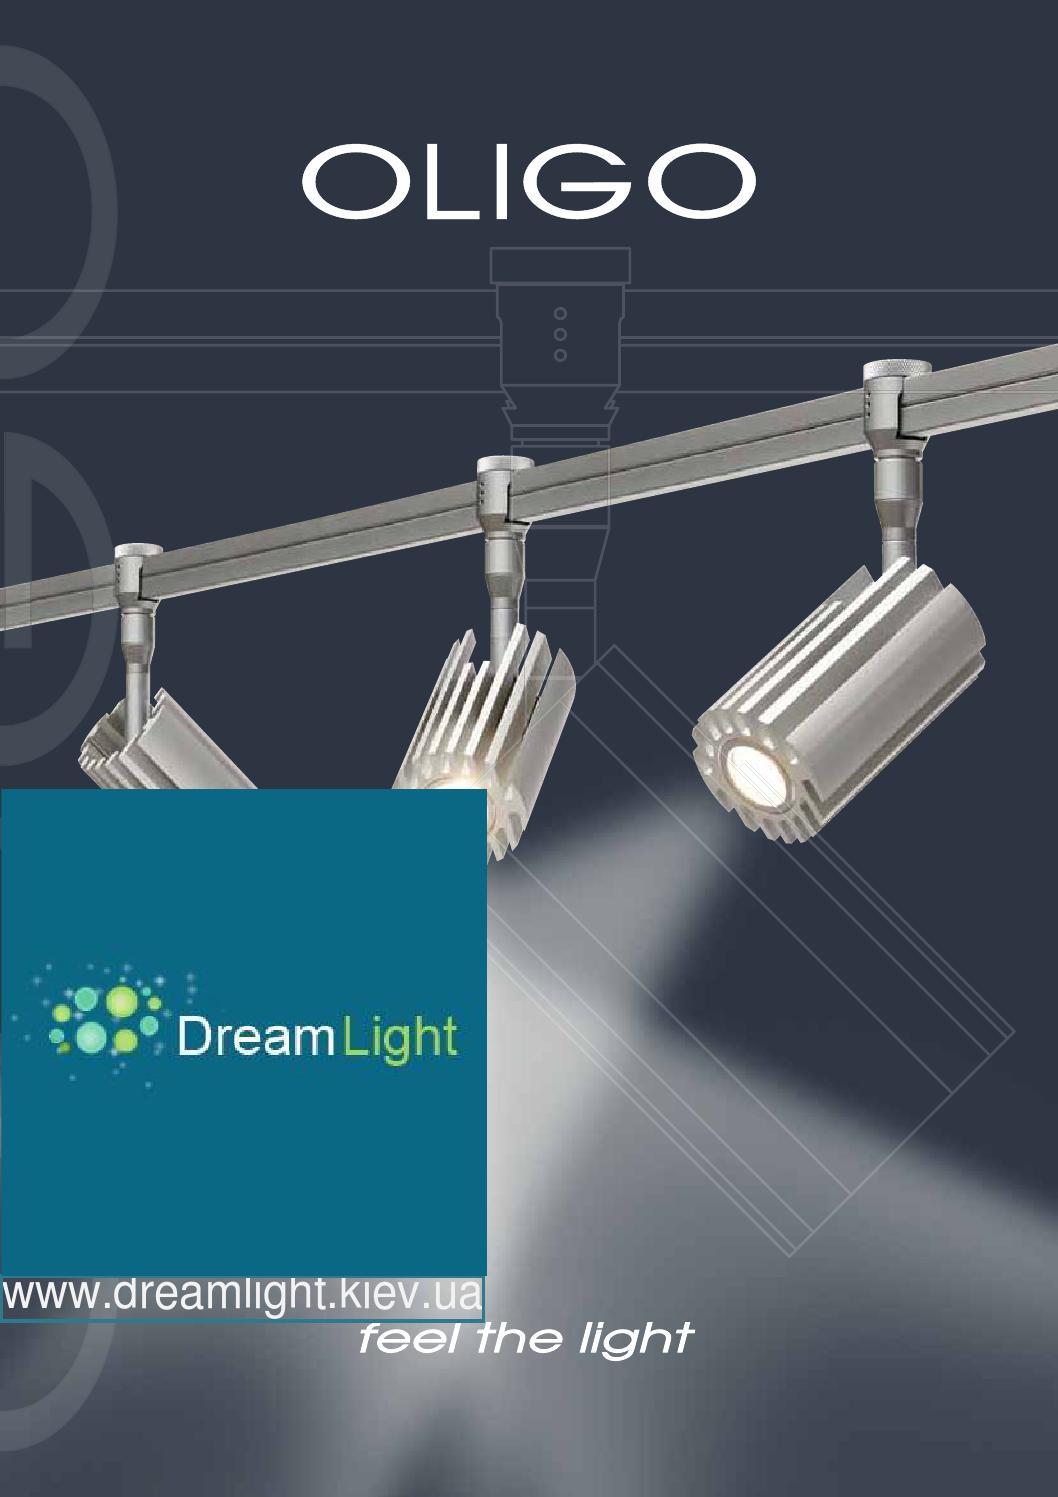 Oligo systemleuchten 2013 2014 by www.dreamlight.kiev.ua - issuu